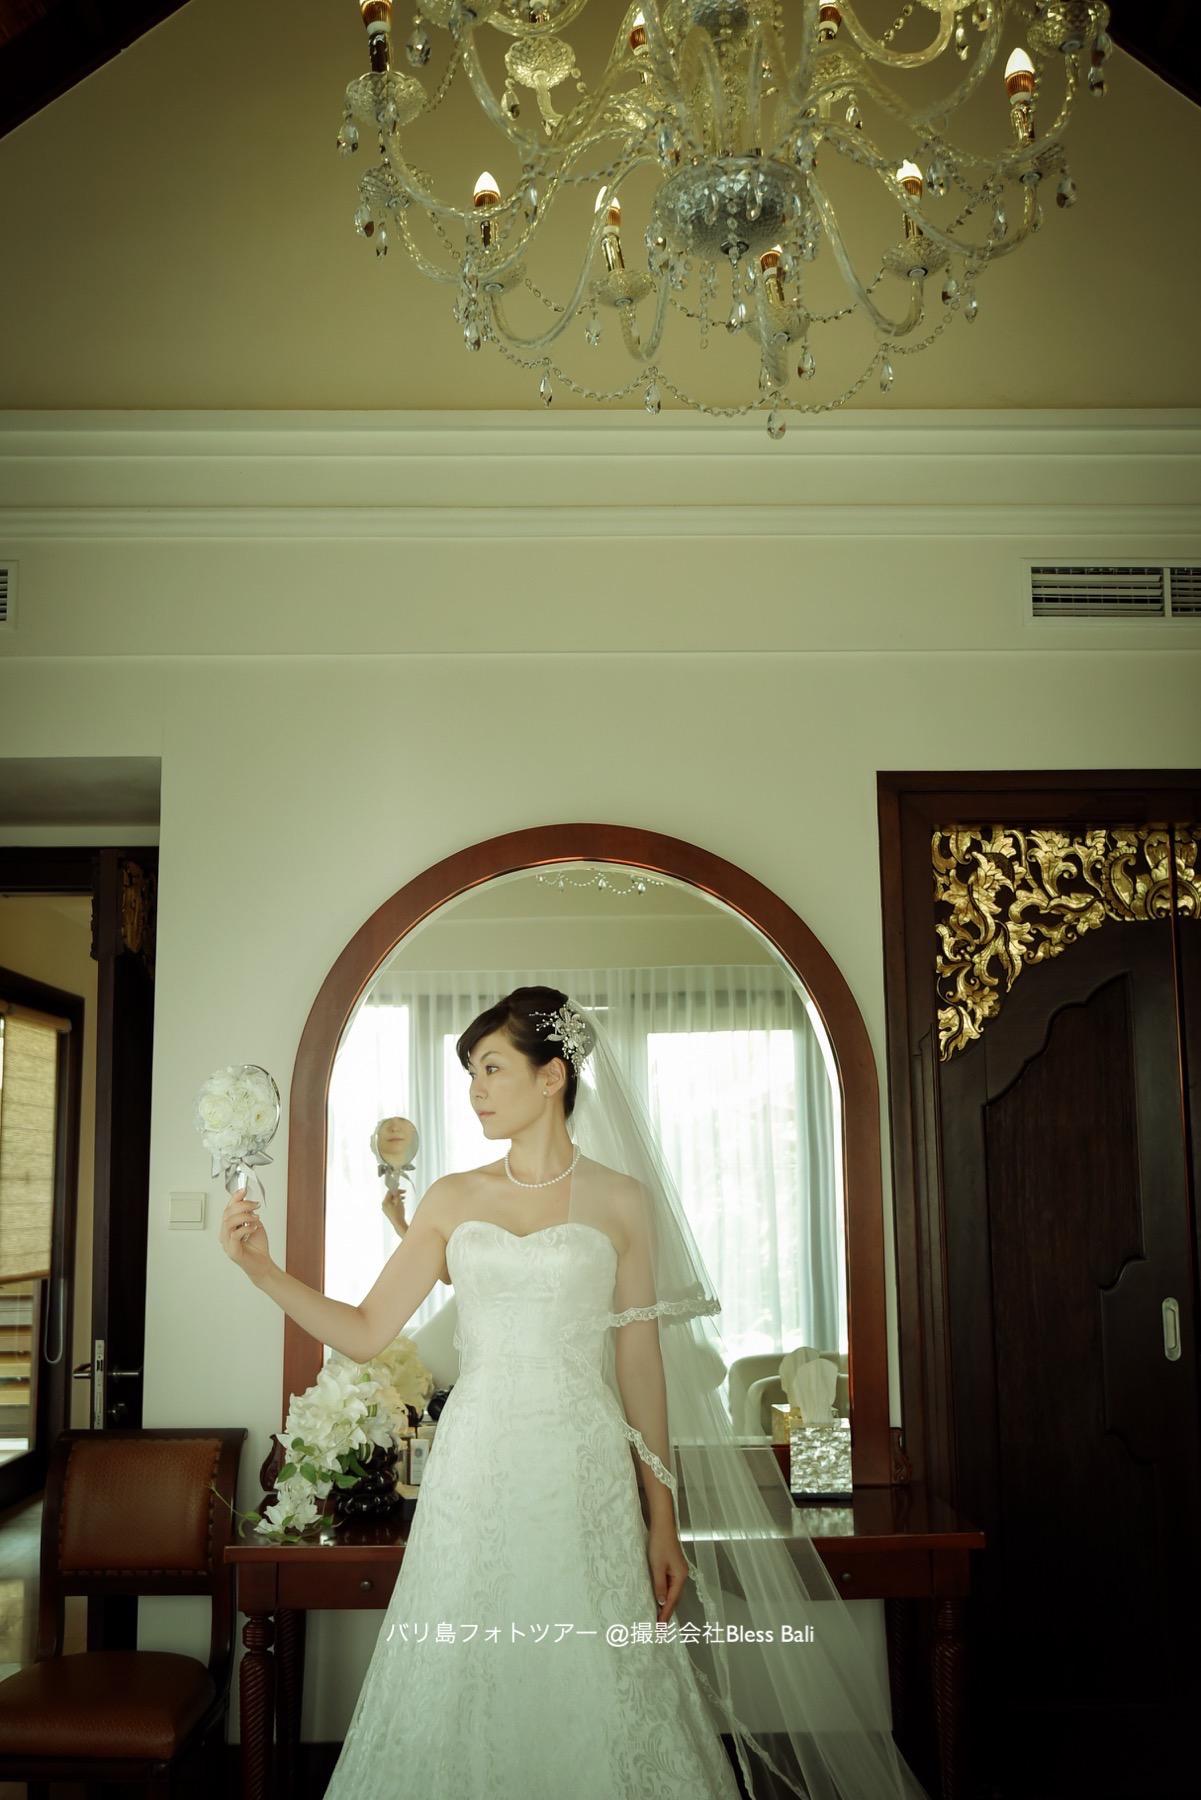 ヘアメイク後、鏡を覗き込む花嫁様